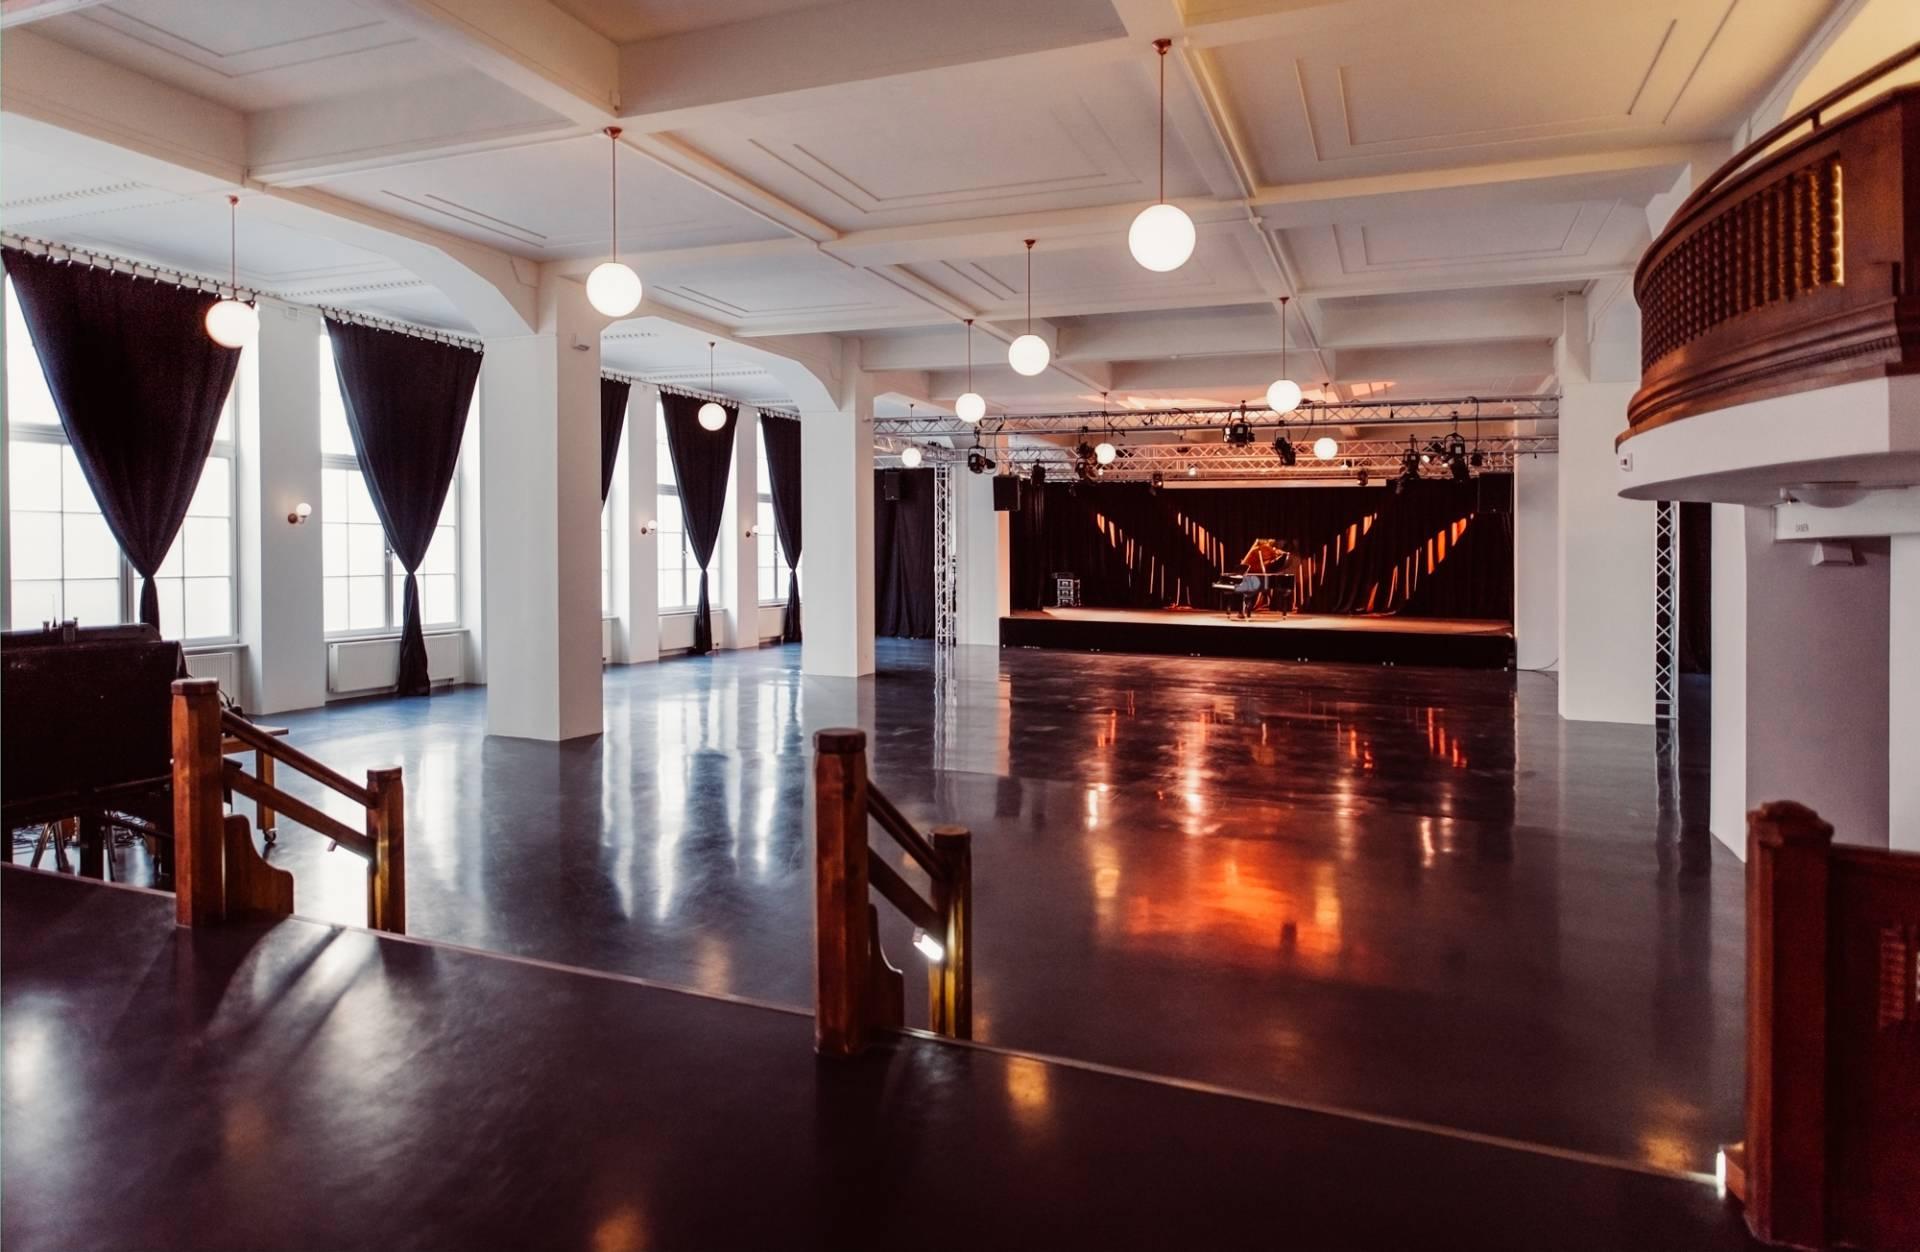 Blick vom kleinen Saal in den großen mit angeschnittener Empore.